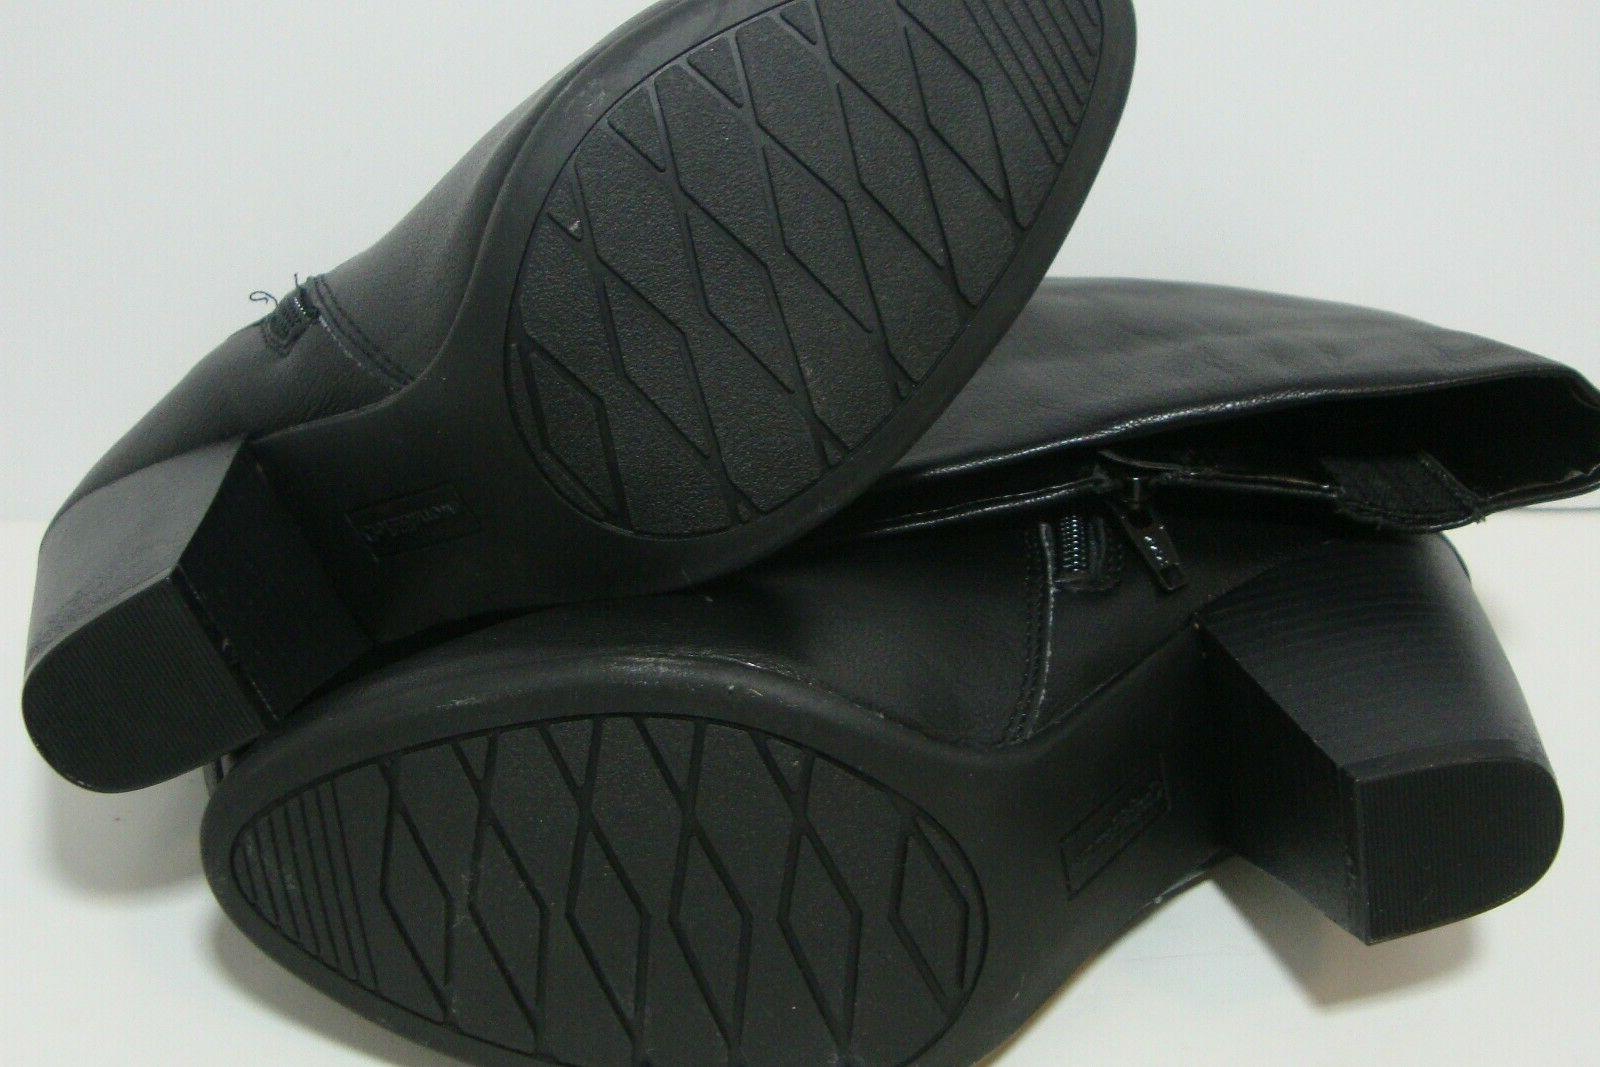 Calf High Black Boots Soles 9